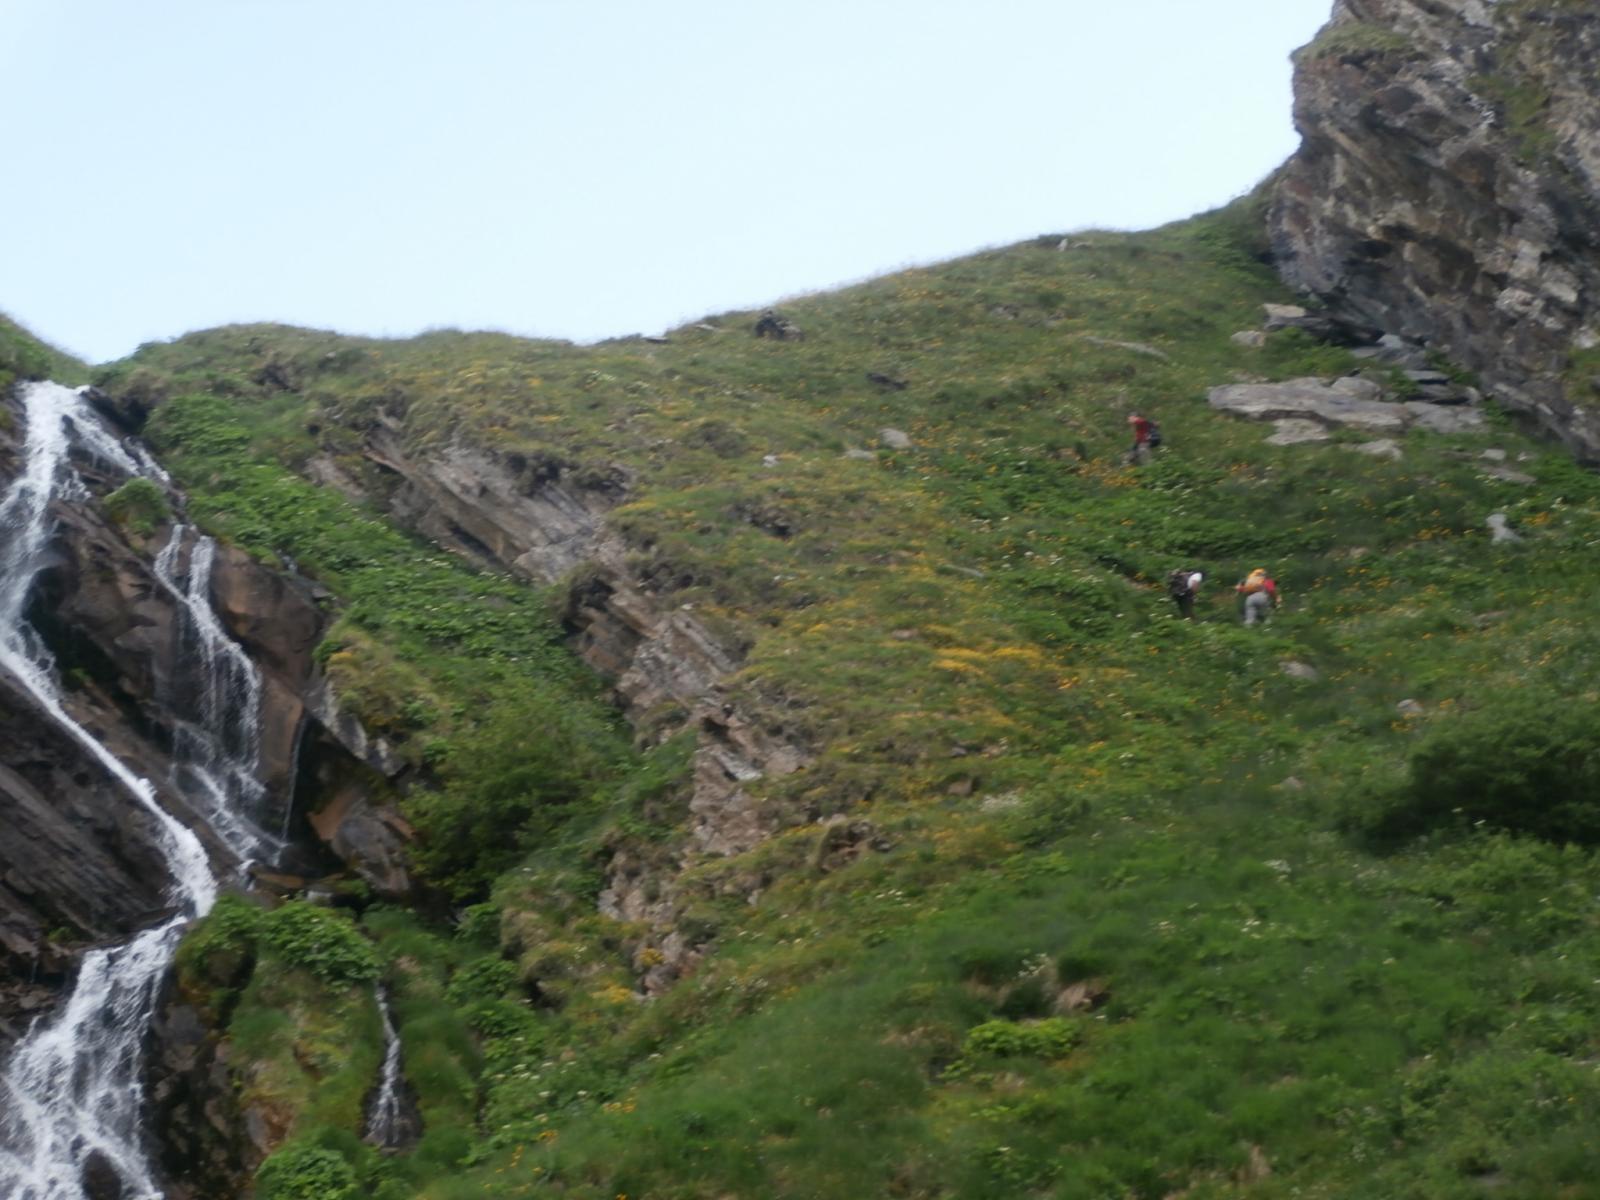 superamento  del canale  prima dell'arrivo all'alpe Bonalè...